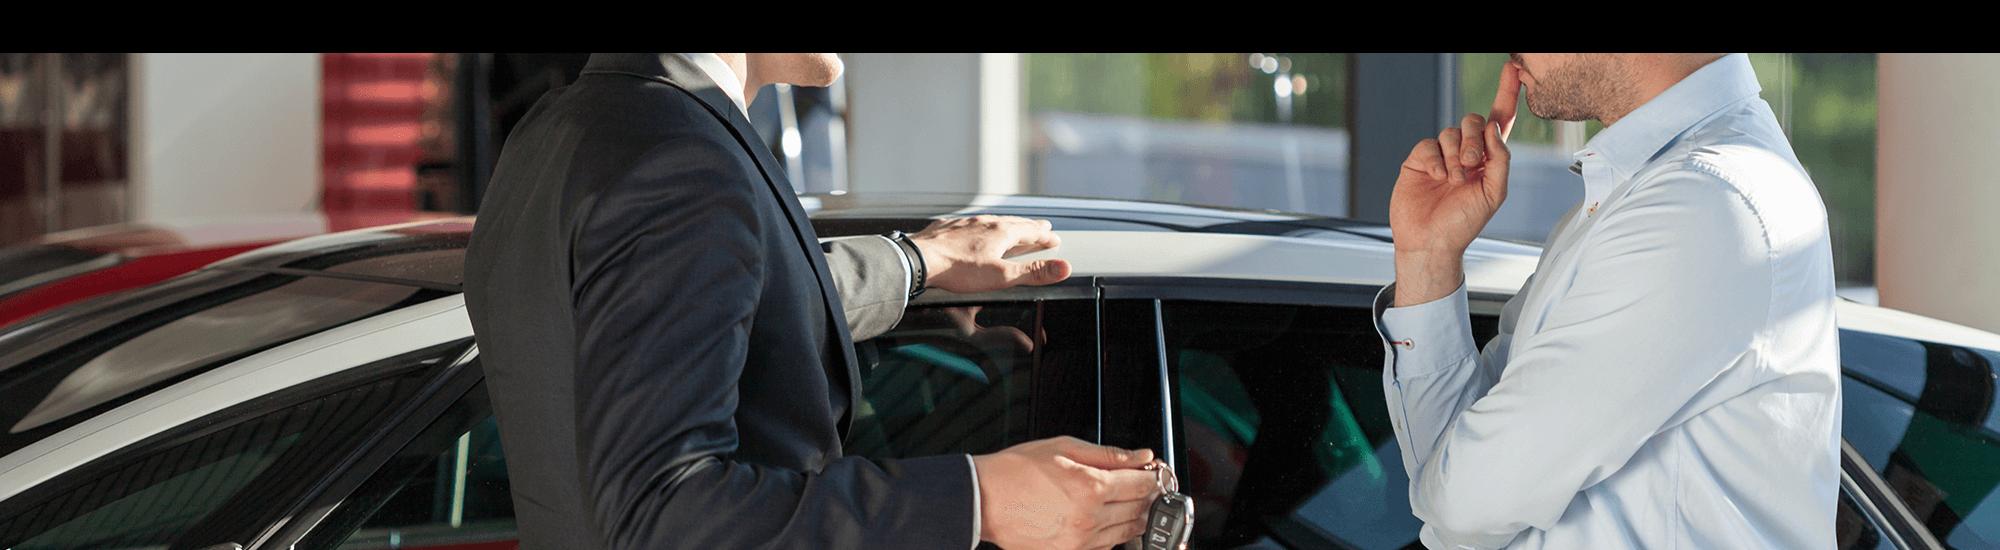 Méga Automobiles- Groupe Dormani